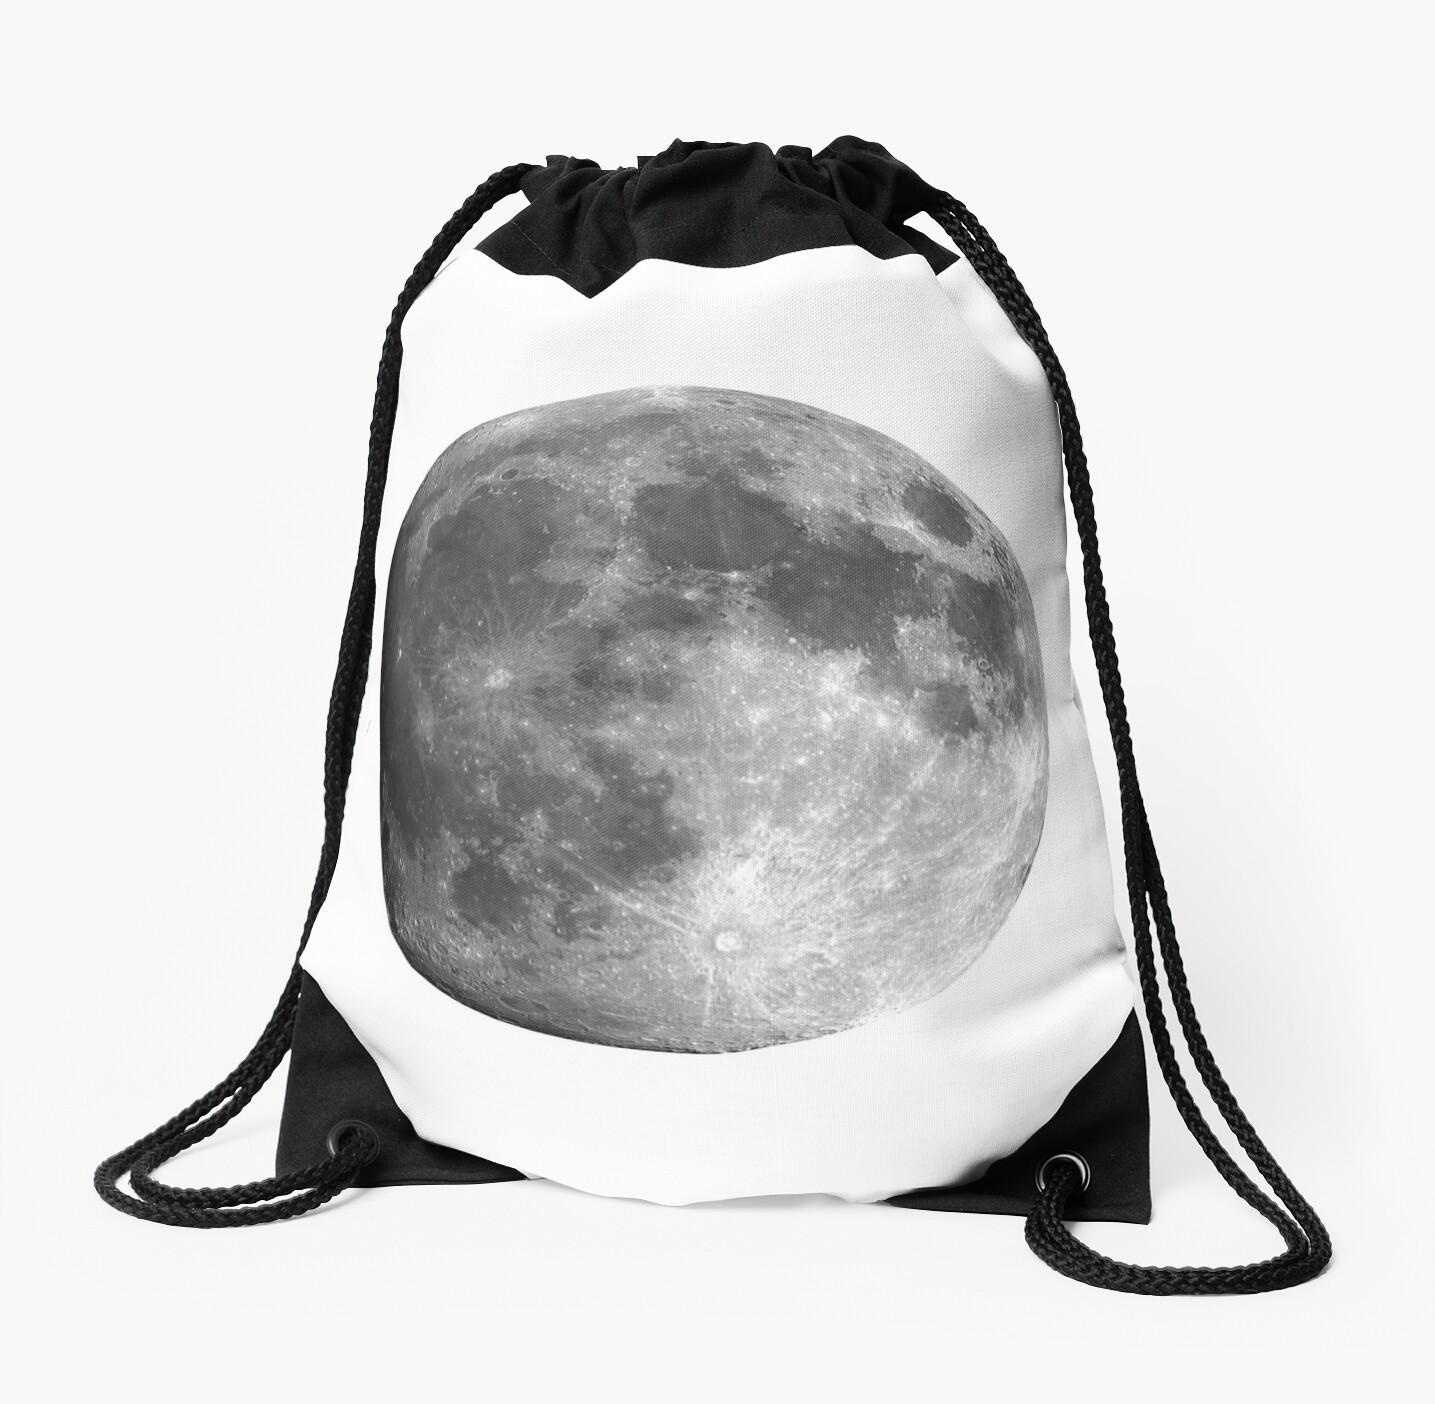 full moon by ShadowDesign